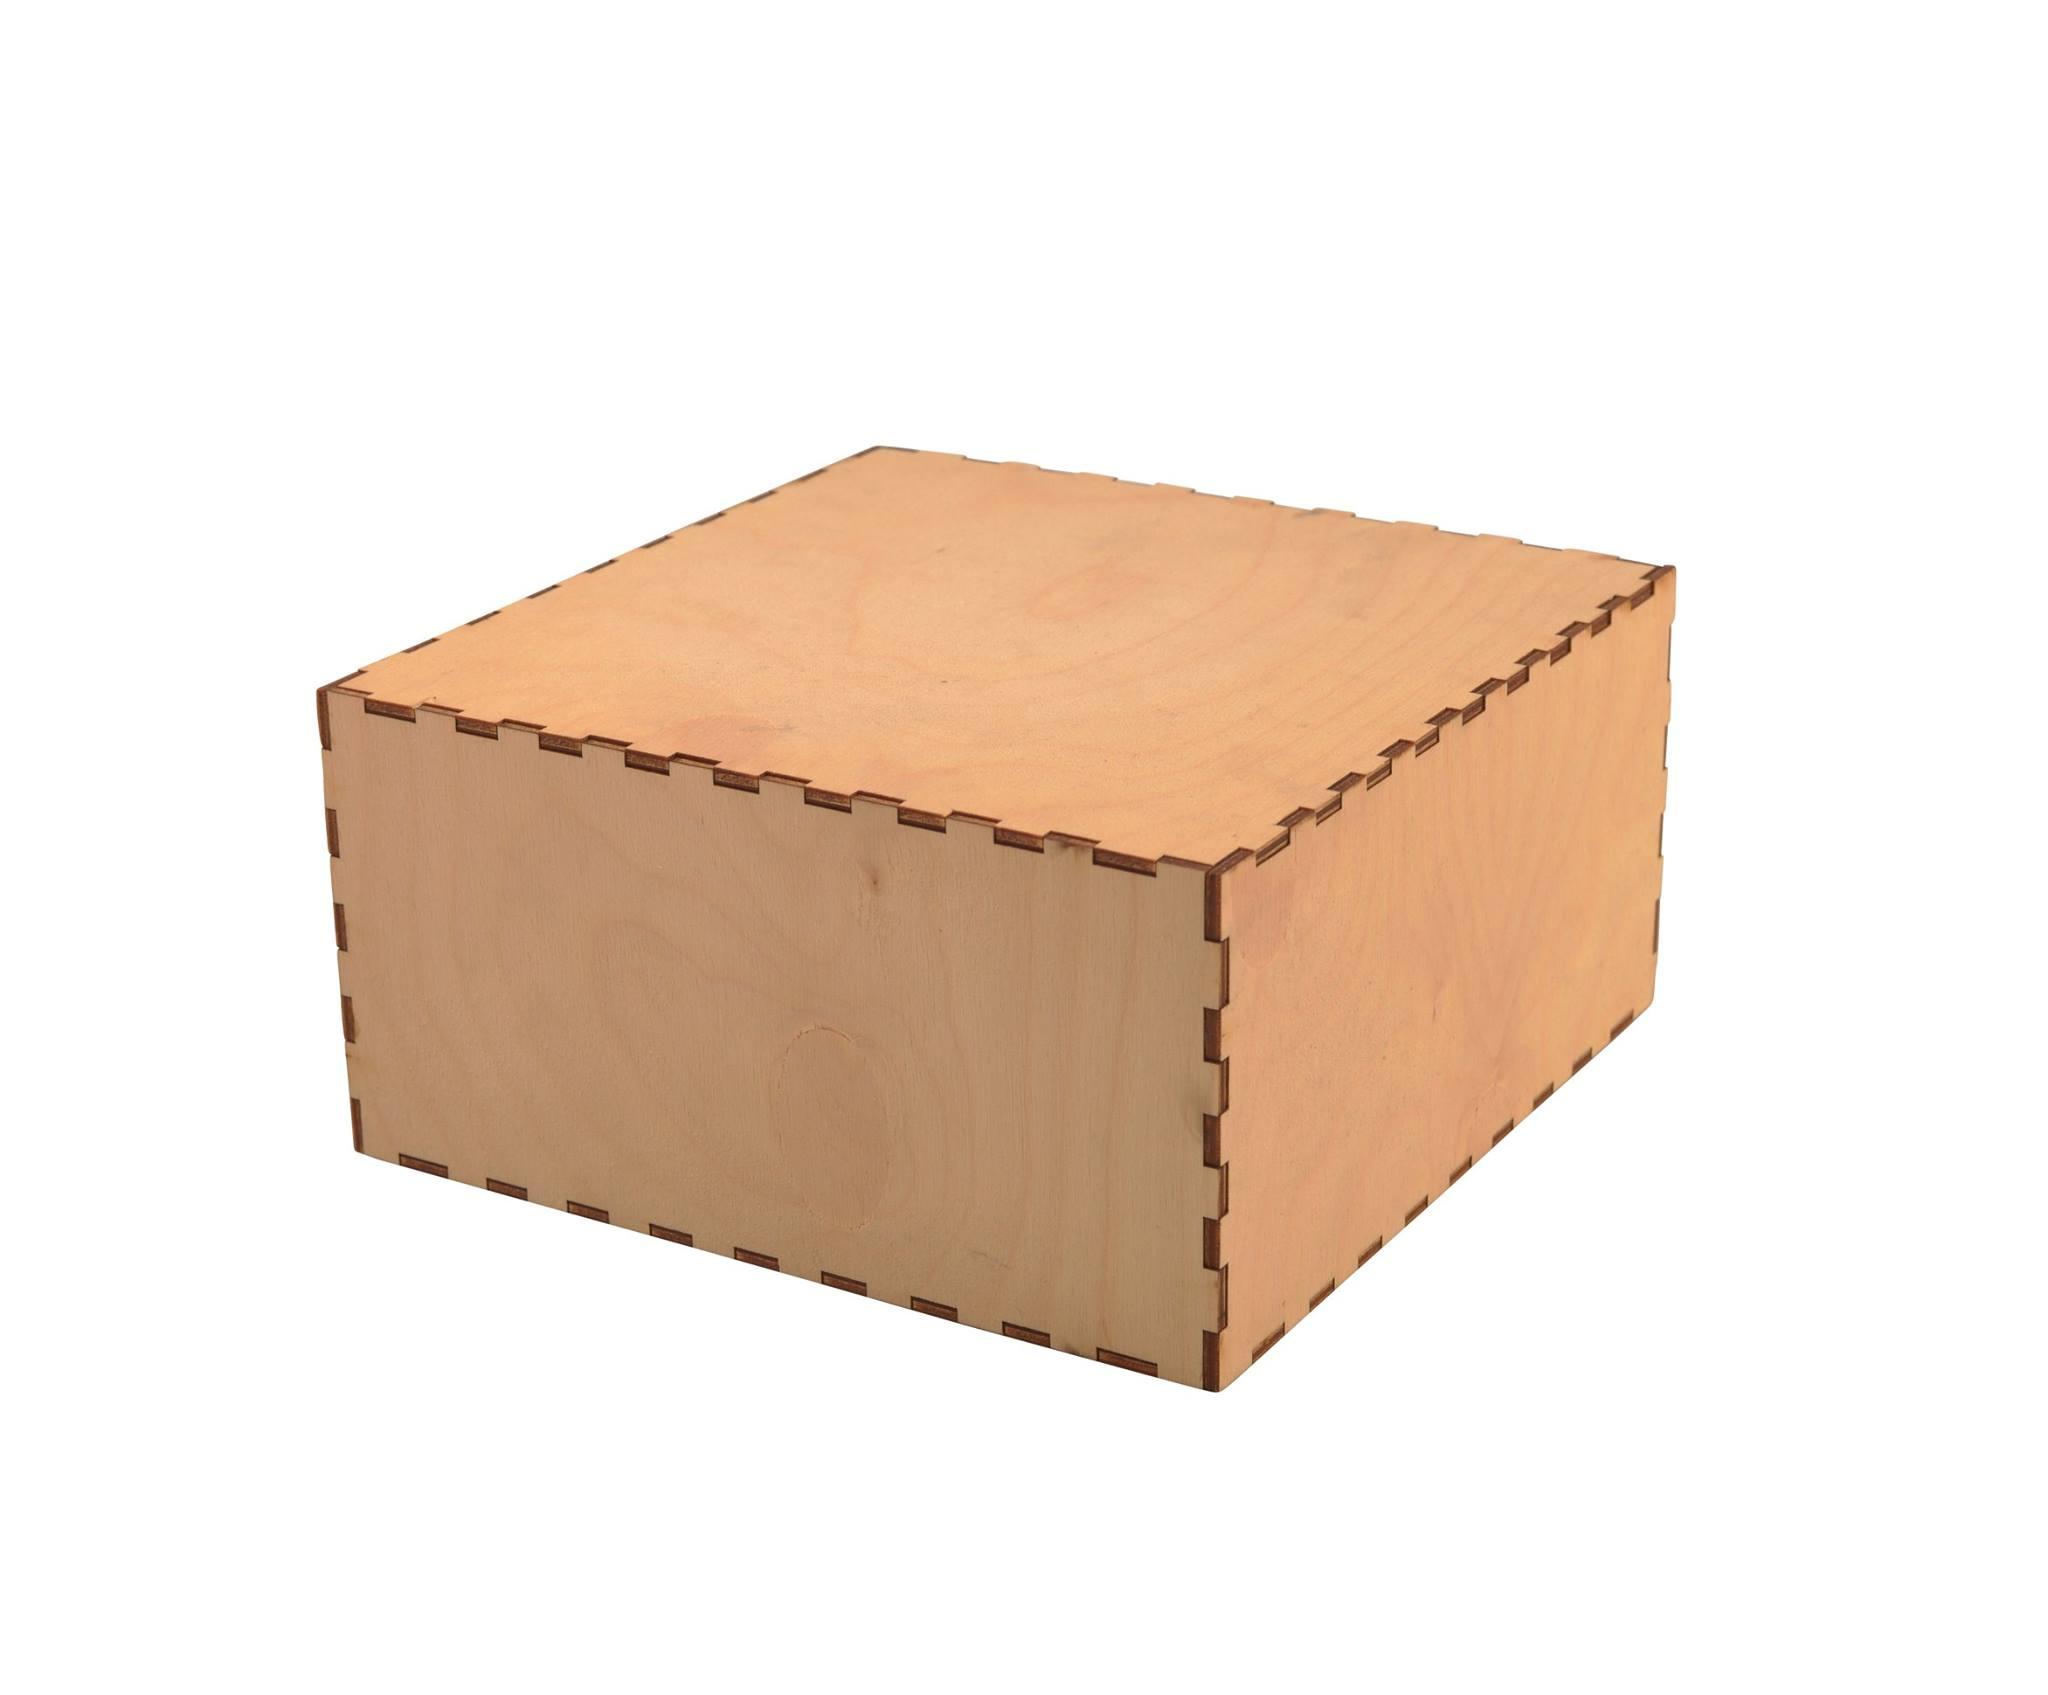 Wooden Presentation Box - Square #2